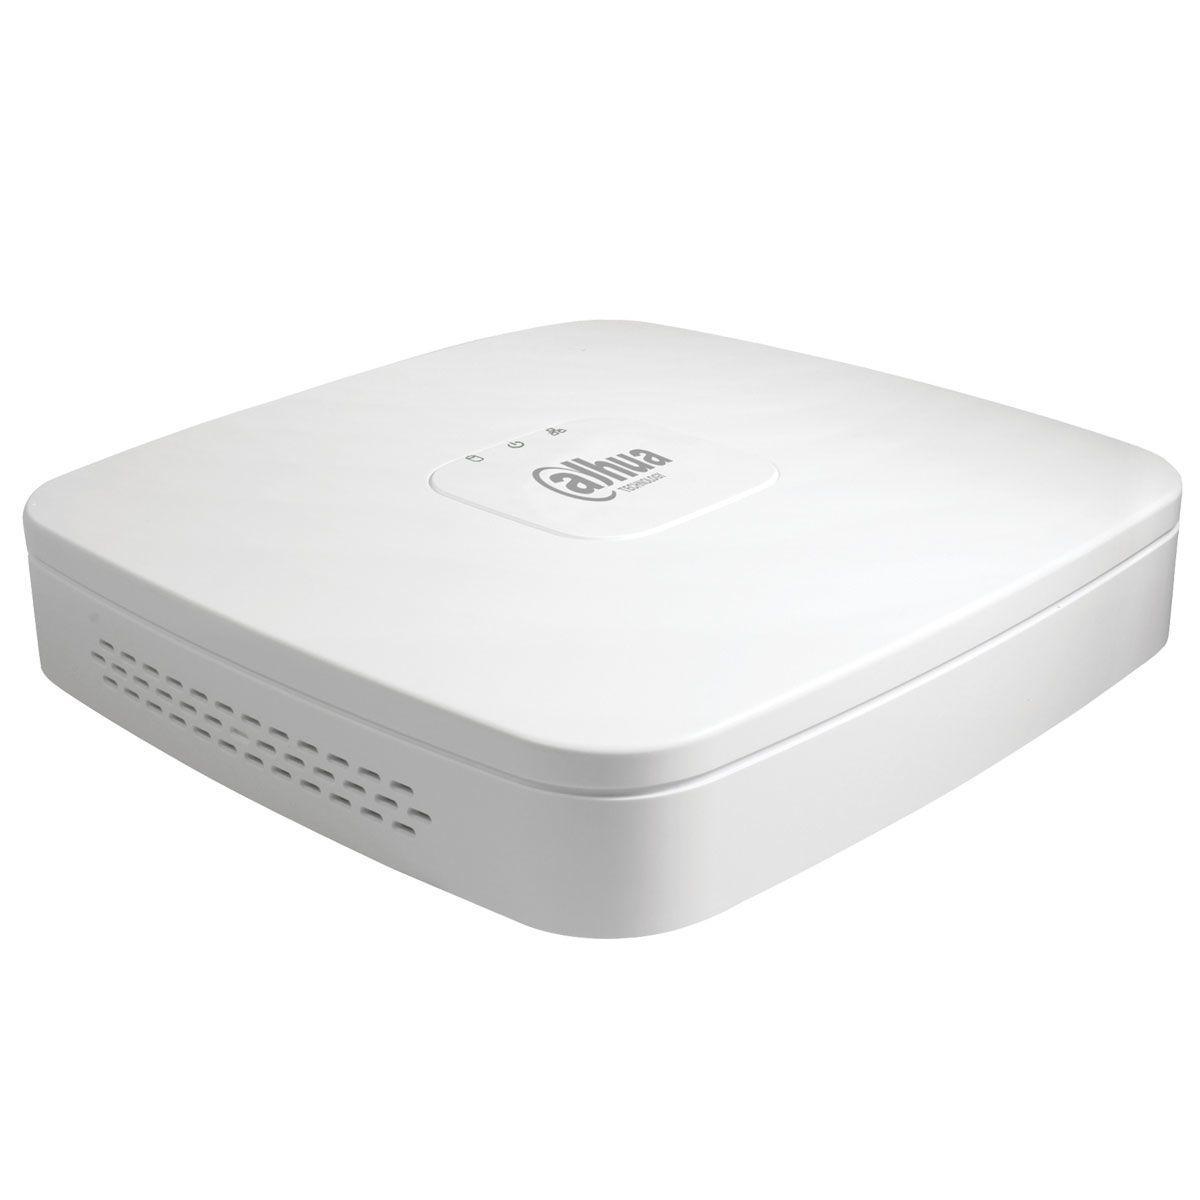 16-канальный IP видеорегистратор Dahua DH-NVR2116-S2